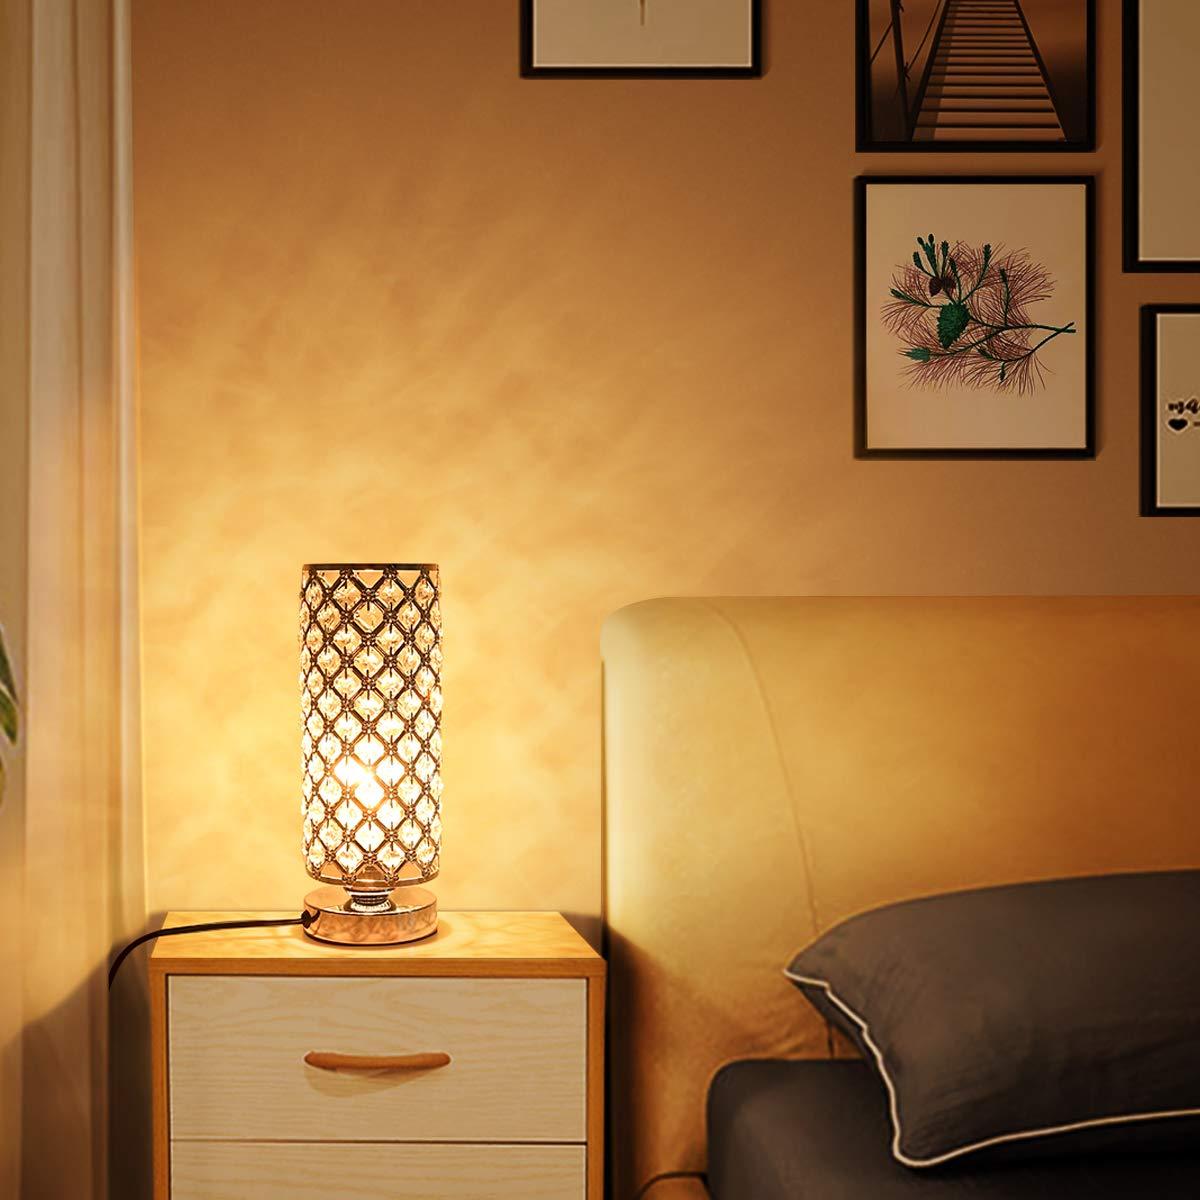 Amazon.com: Lámpara de mesa con control táctil, lámpara de ...